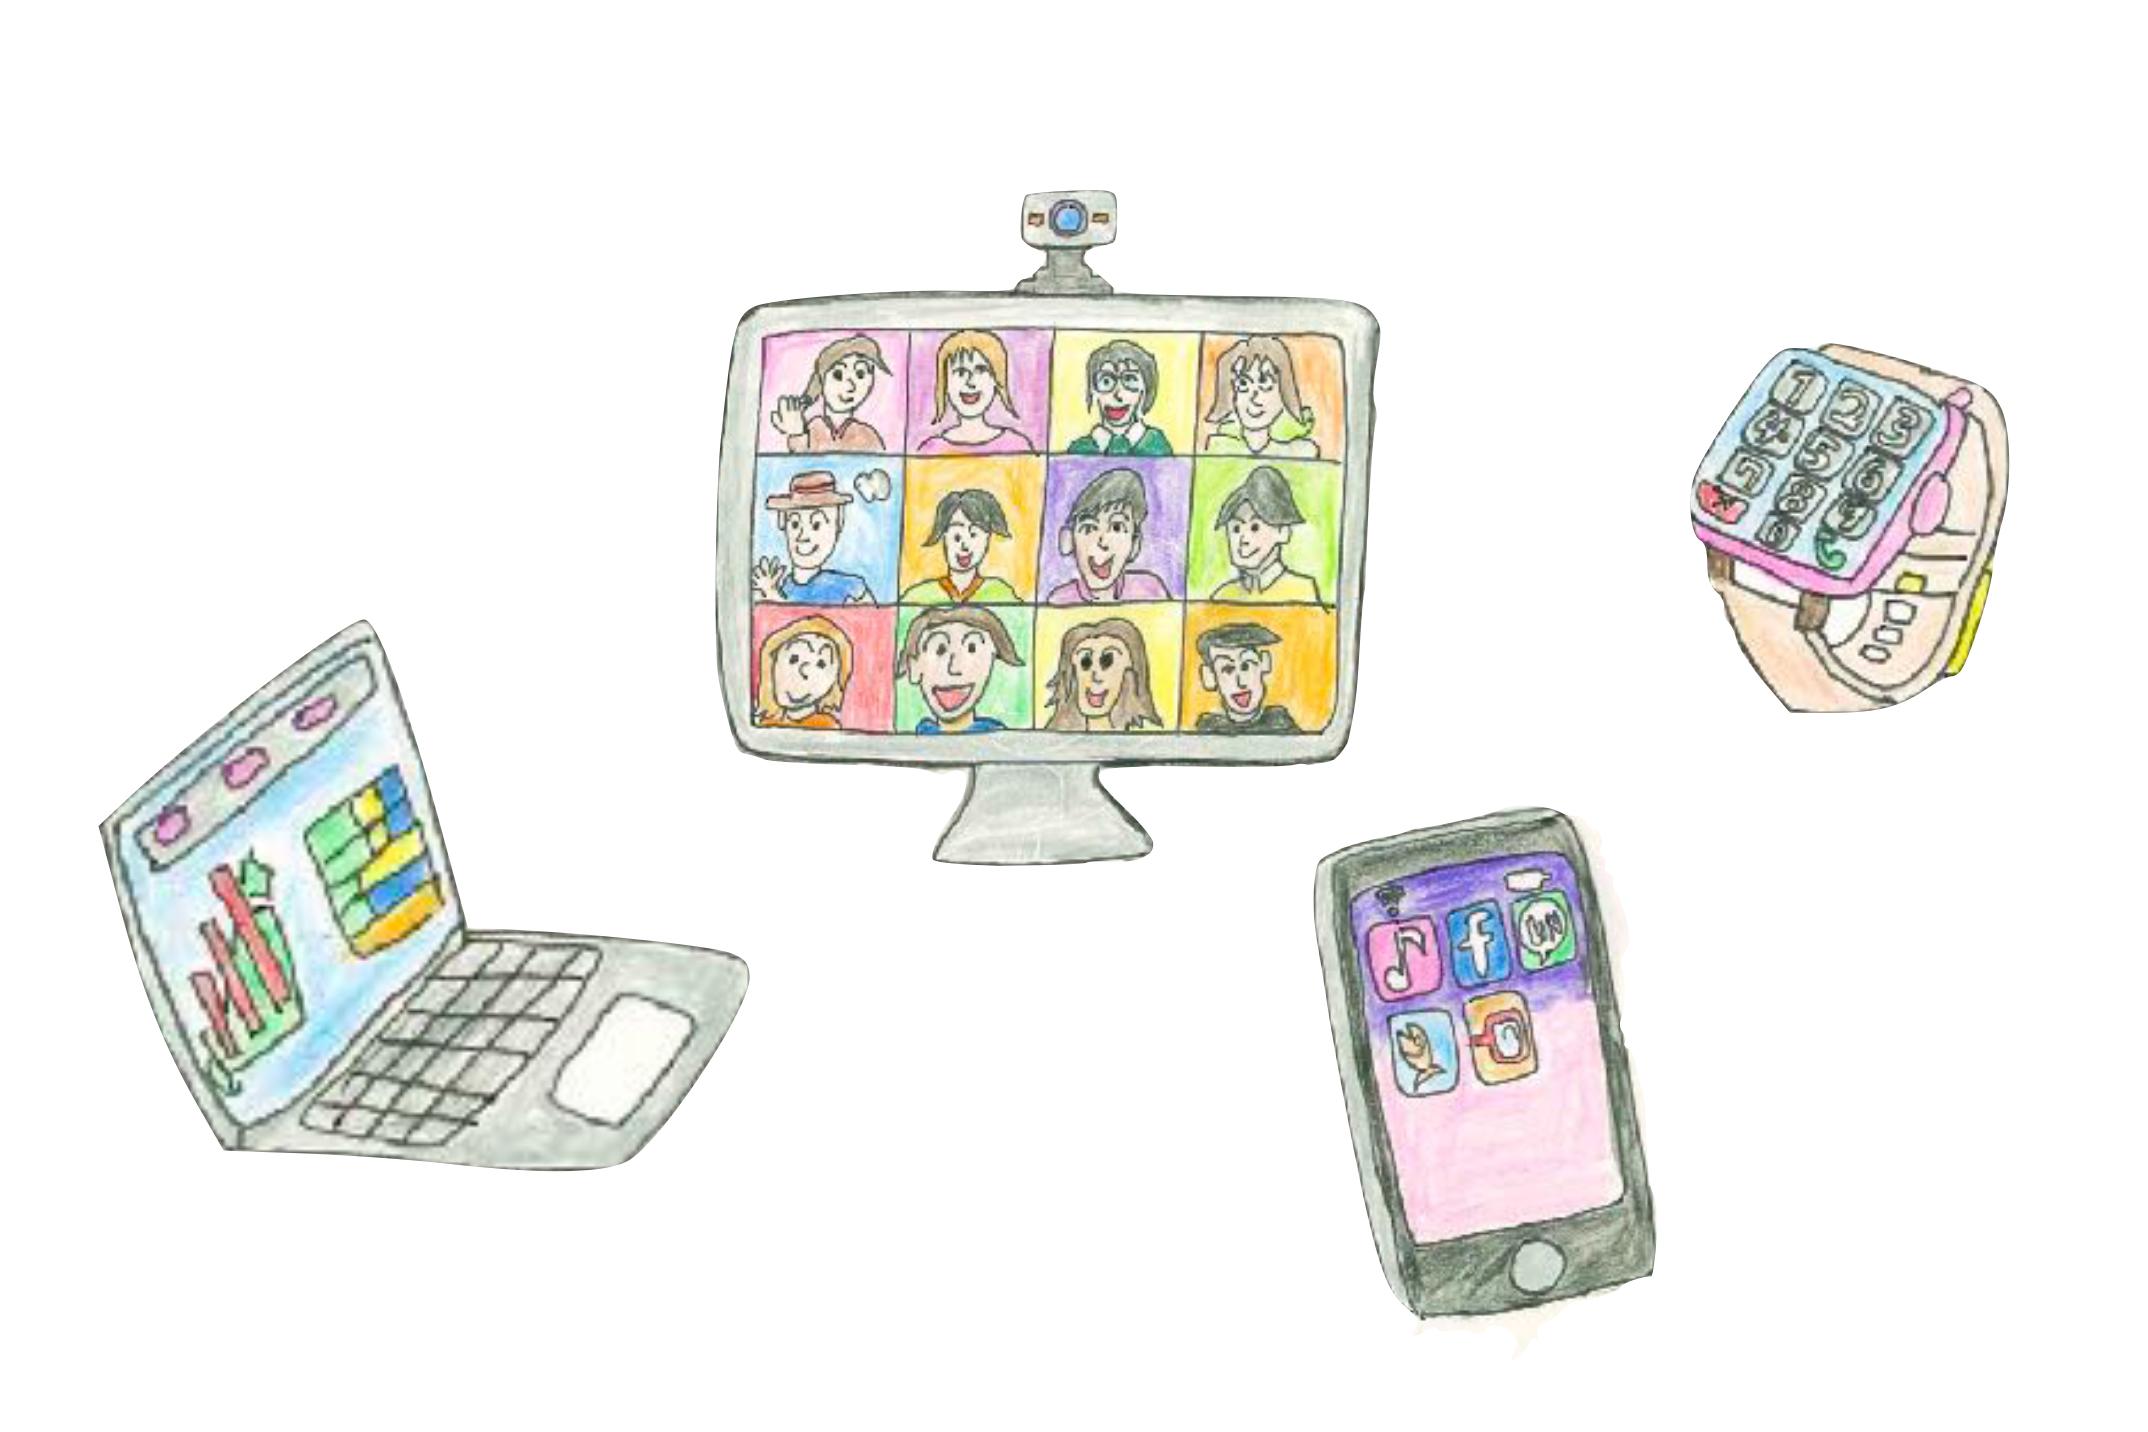 スマートフォンやモバイル端末を通してリモートワークやネット会議、そして移動しながら画面の中と外を見て 仕事をすることもあります。